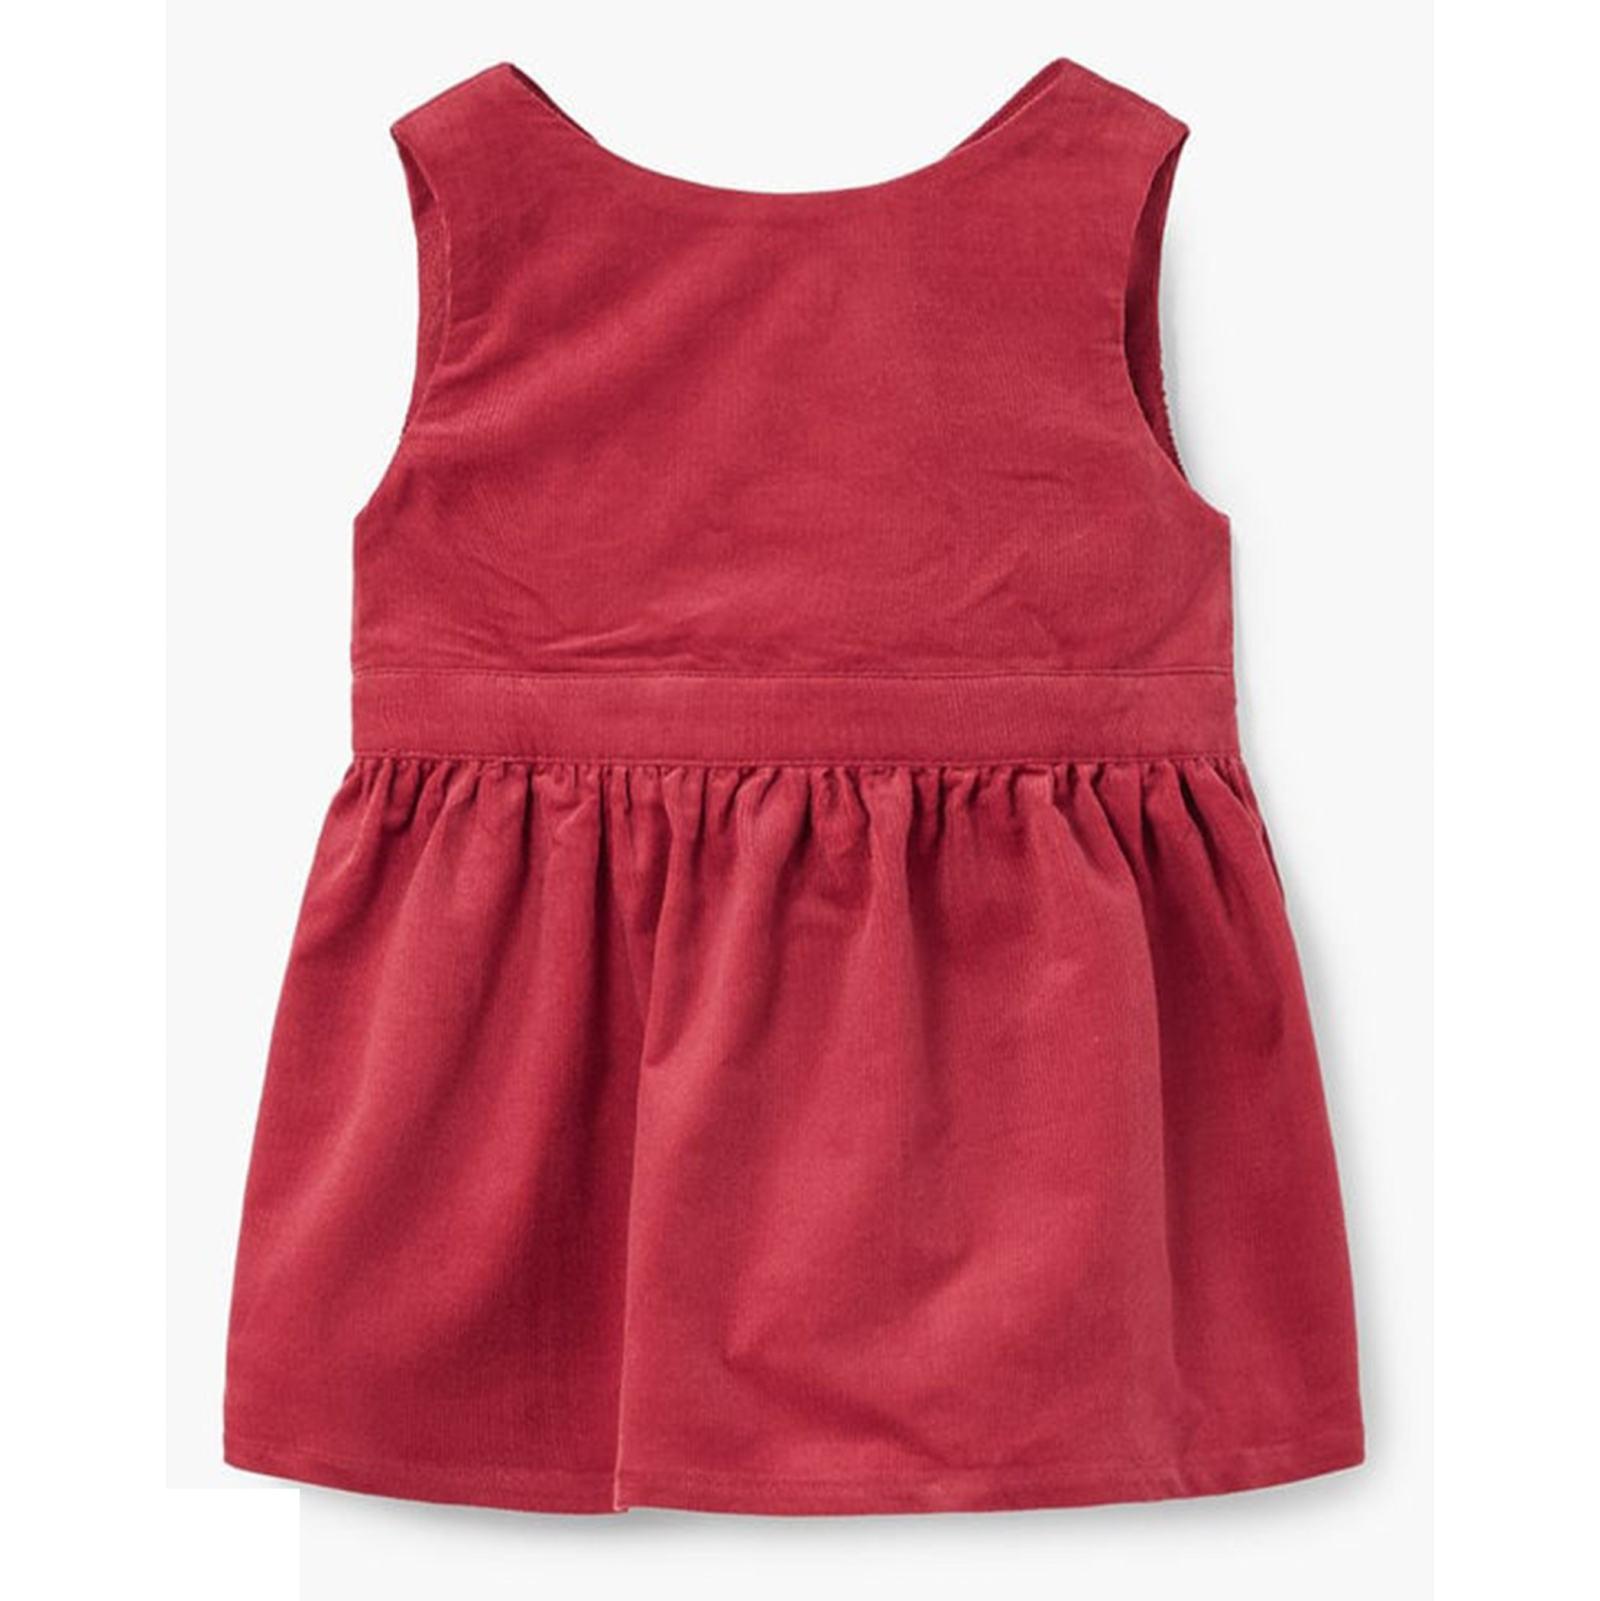 پیراهن نخی بدون آستین نوزادی دخترانه - مانگو - قرمز - 2